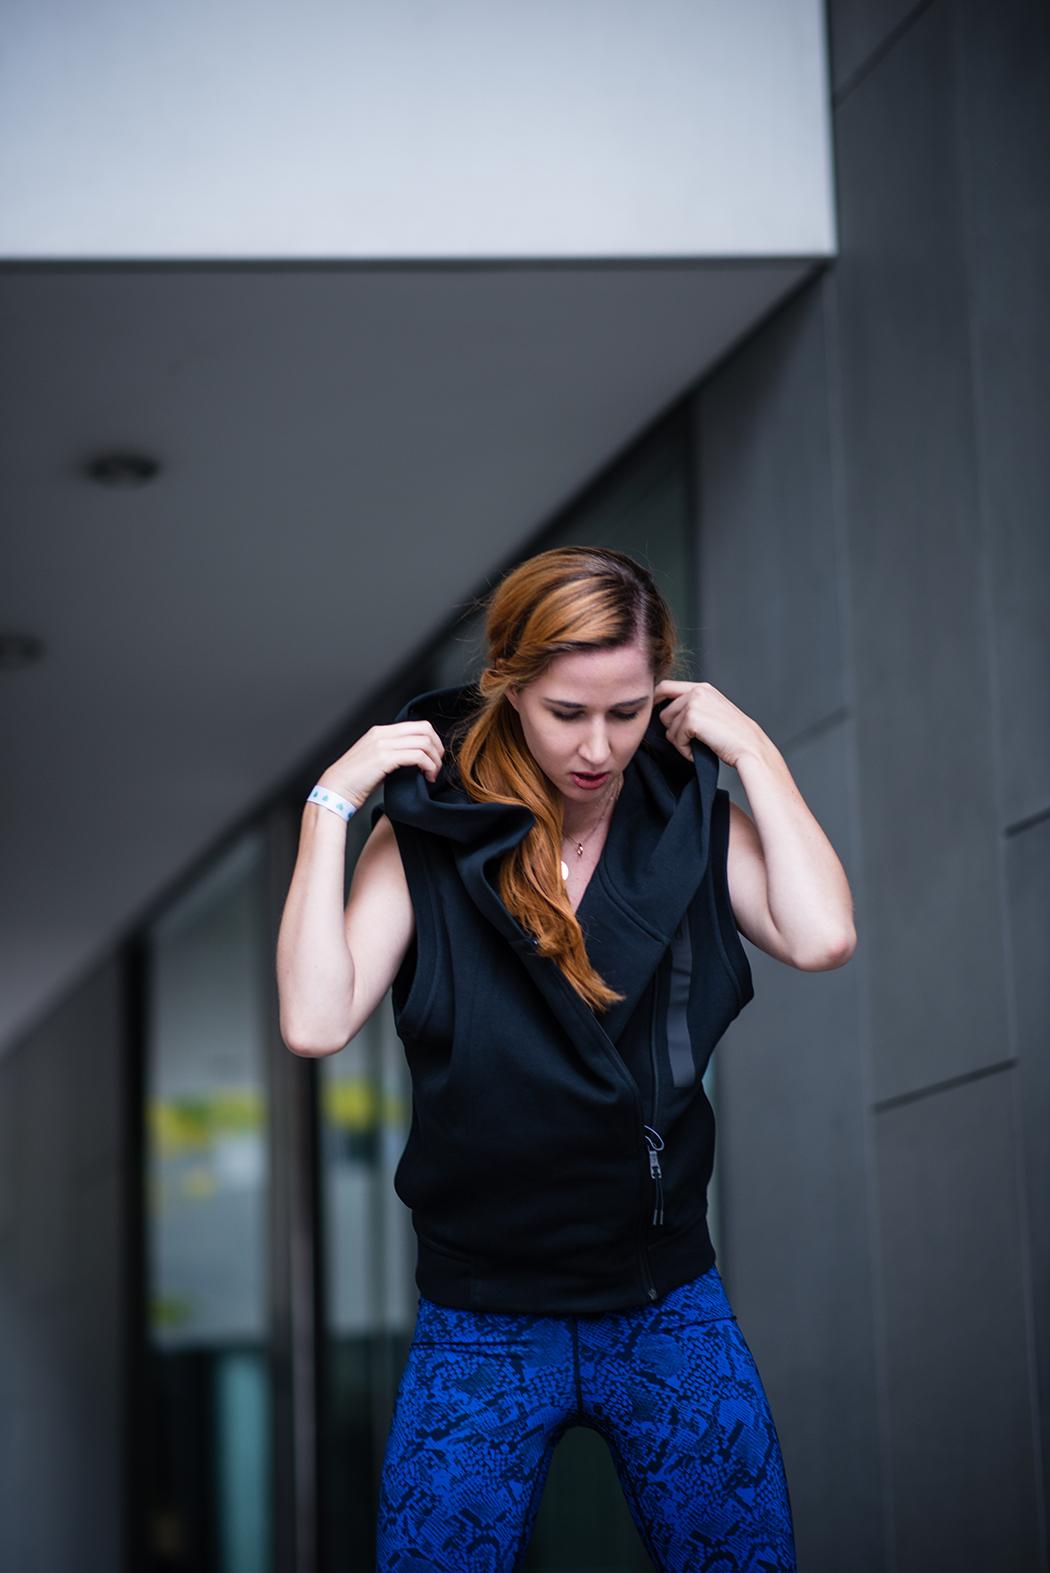 Fitnessblog-Fitnessblogger-Fitness-Blog-Blogger-Deutschland-München-Nike-Running-Linda-Lindarella-3-web